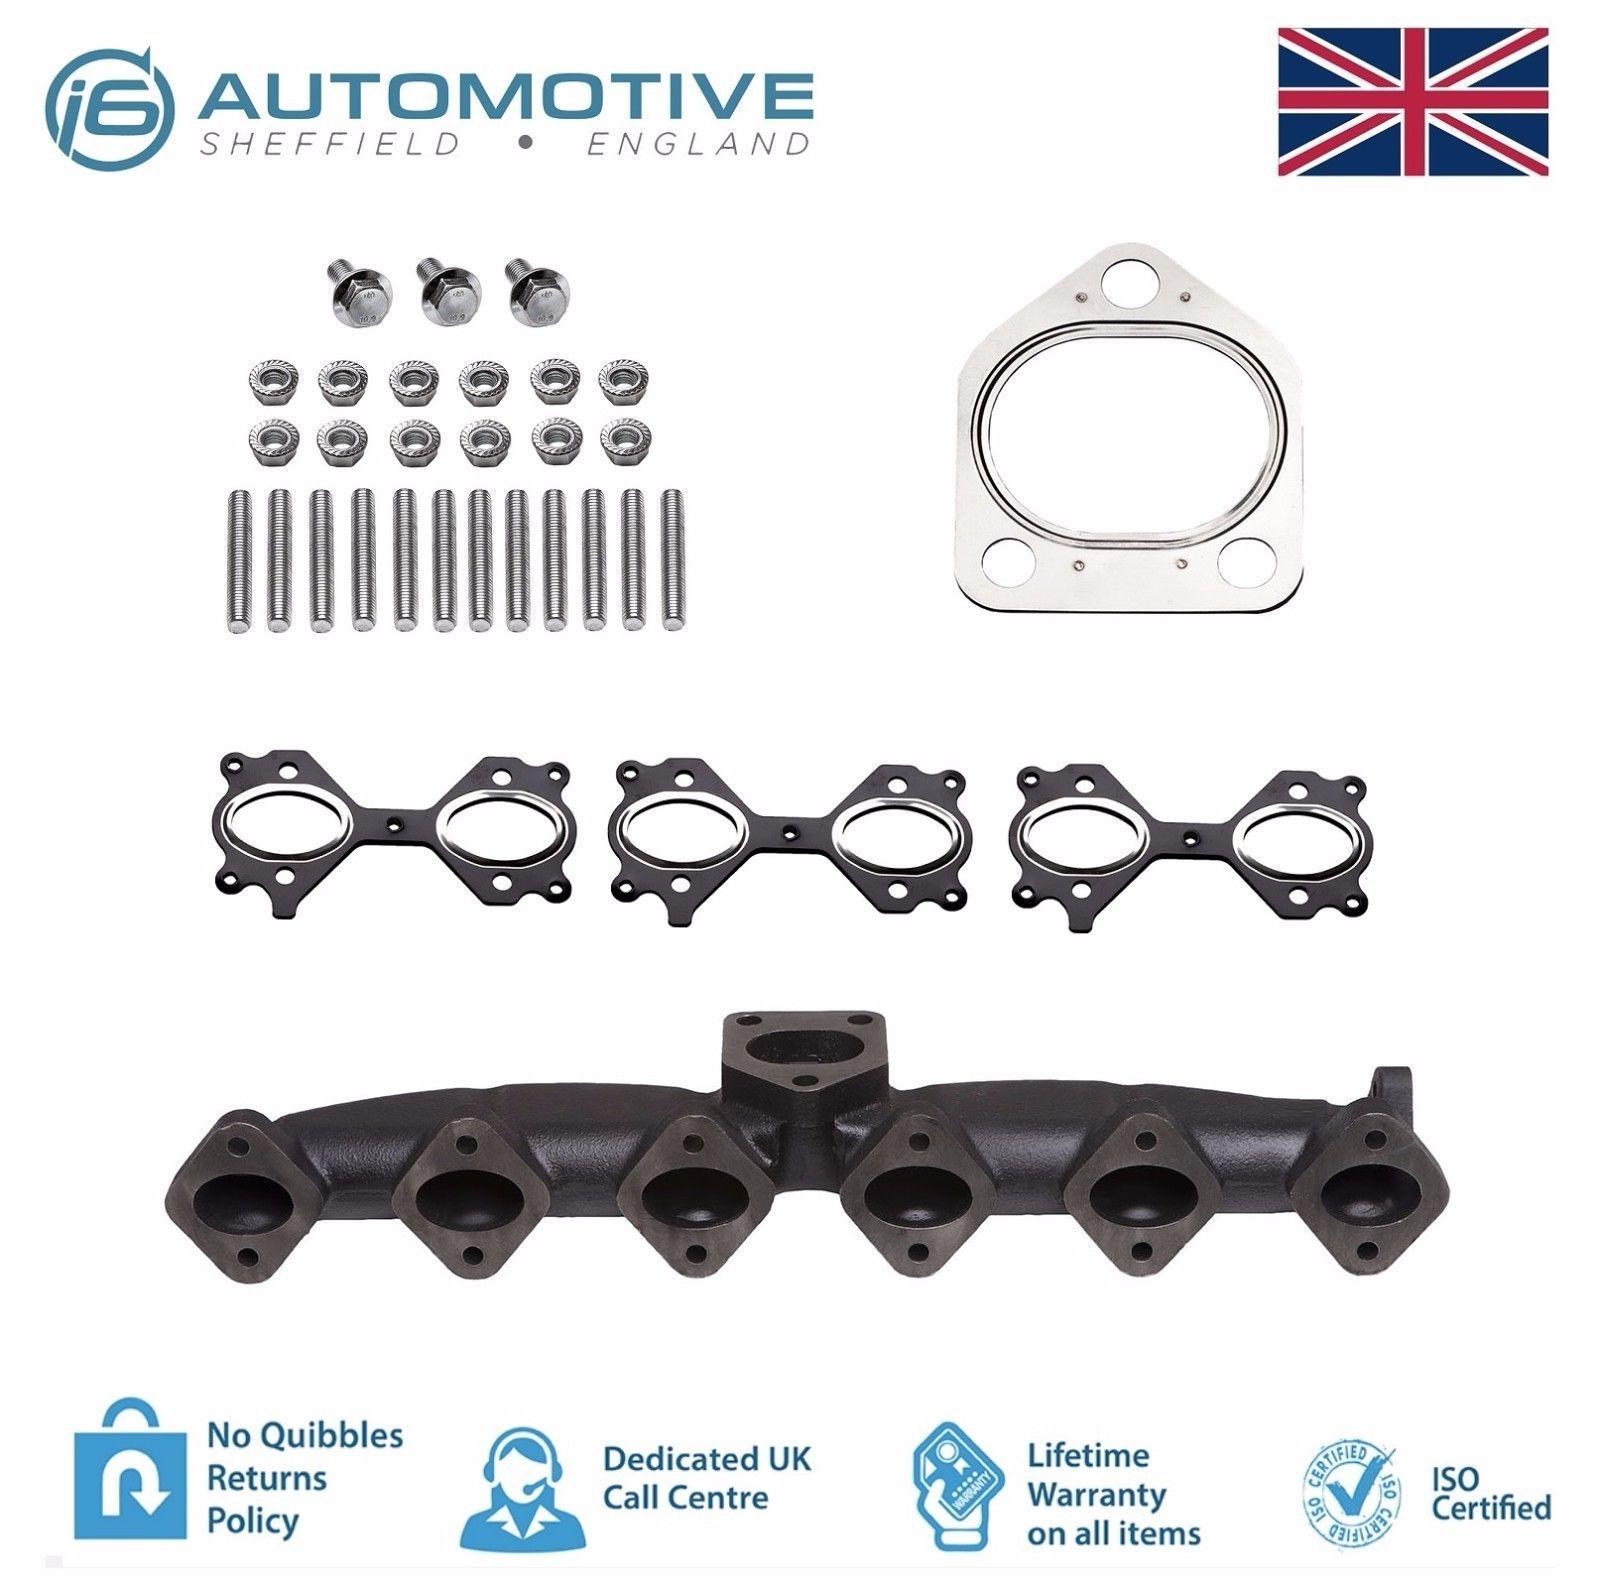 NEW BMW Exhaust Manifold Ductile Iron E60 E61 E65 X5 2.5d 325d 330d 525d 530d